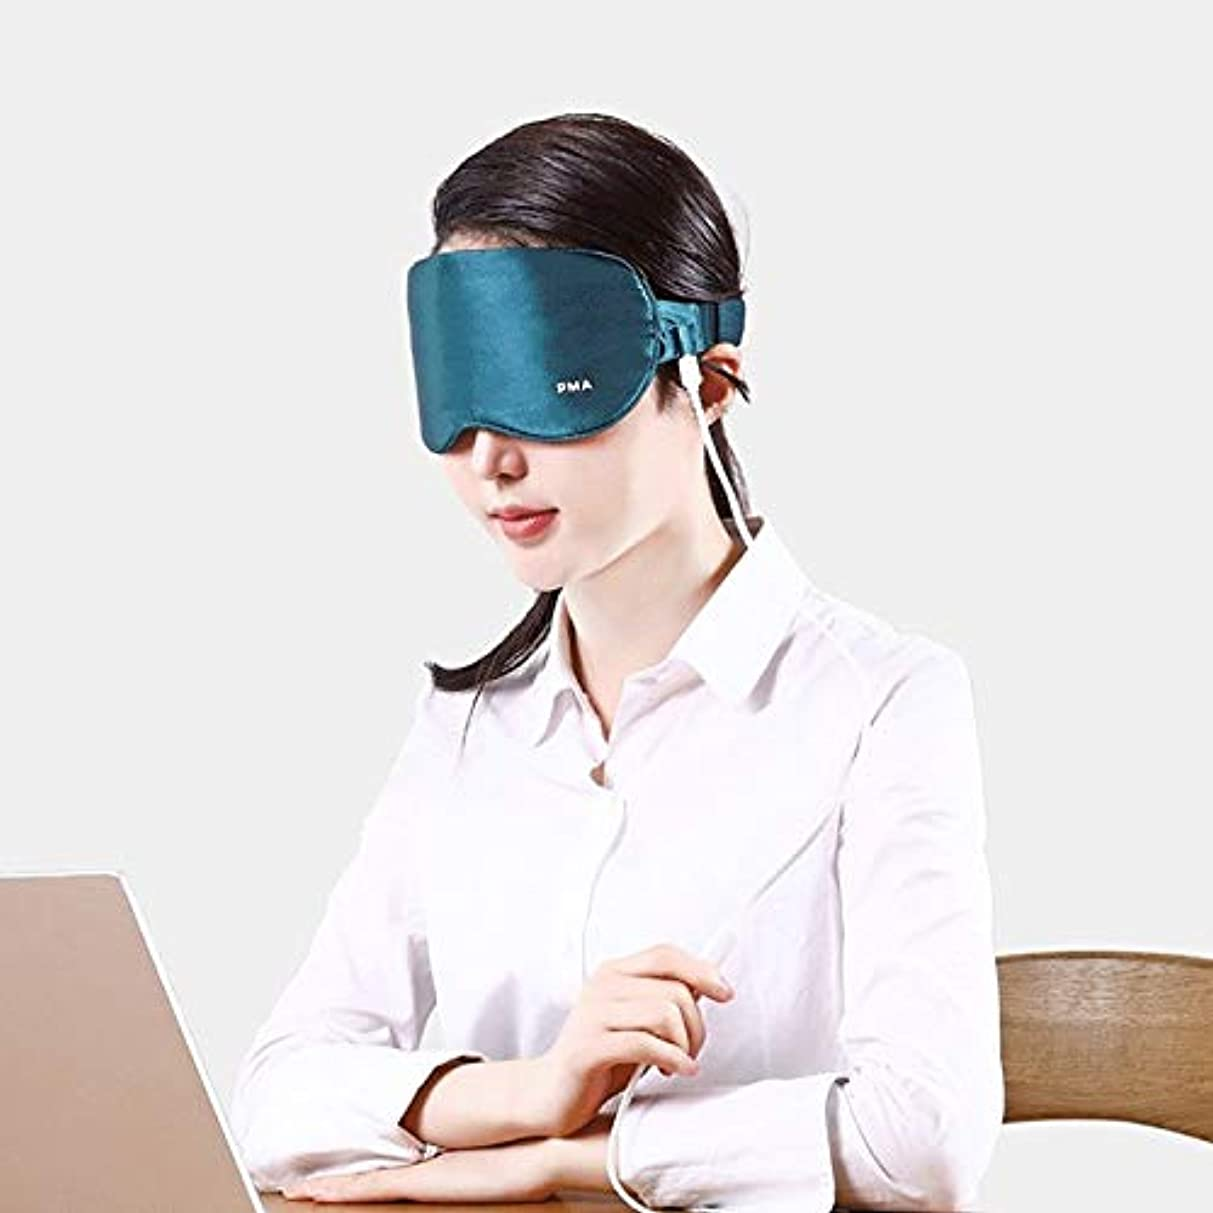 女王コインランドリー努力NOTE 睡眠マスク睡眠アイマスクアイシェードカバーシェードアイパッチ女性男性ソフトポータブル目隠し旅行アイパッチアイケアツール